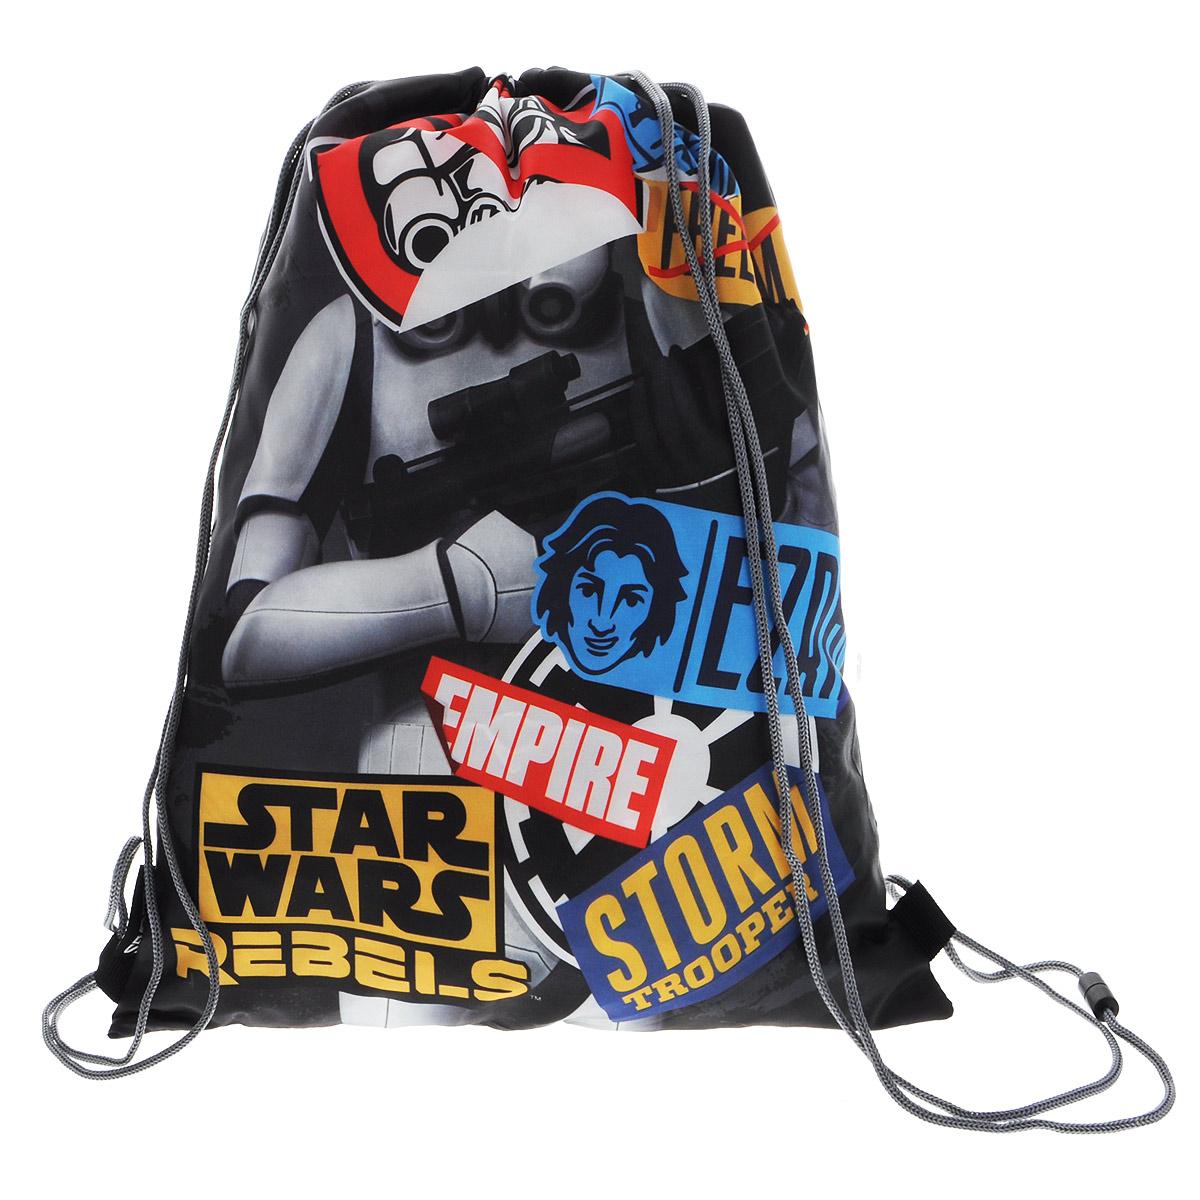 Star Wars Сумка-рюкзак для обуви цвет черно-серый SWCB-MT1-883SWCB-MT1-883Сумка для сменной обуви Star Wars идеально подойдет как для хранения, так и для переноски сменной обуви и одежды.Сумка выполнена из прочного водонепроницаемого полиэстера и содержит одно вместительное отделение, затягивающееся с помощью текстильных шнурков. Шнурки фиксируются в нижней части сумки, благодаря чему ее можно носить за спиной как рюкзак.Оформлено изделие изображением героя из фильма Звездные войны.Ваш ребенок с радостью будет ходить с таким аксессуаром в школу.